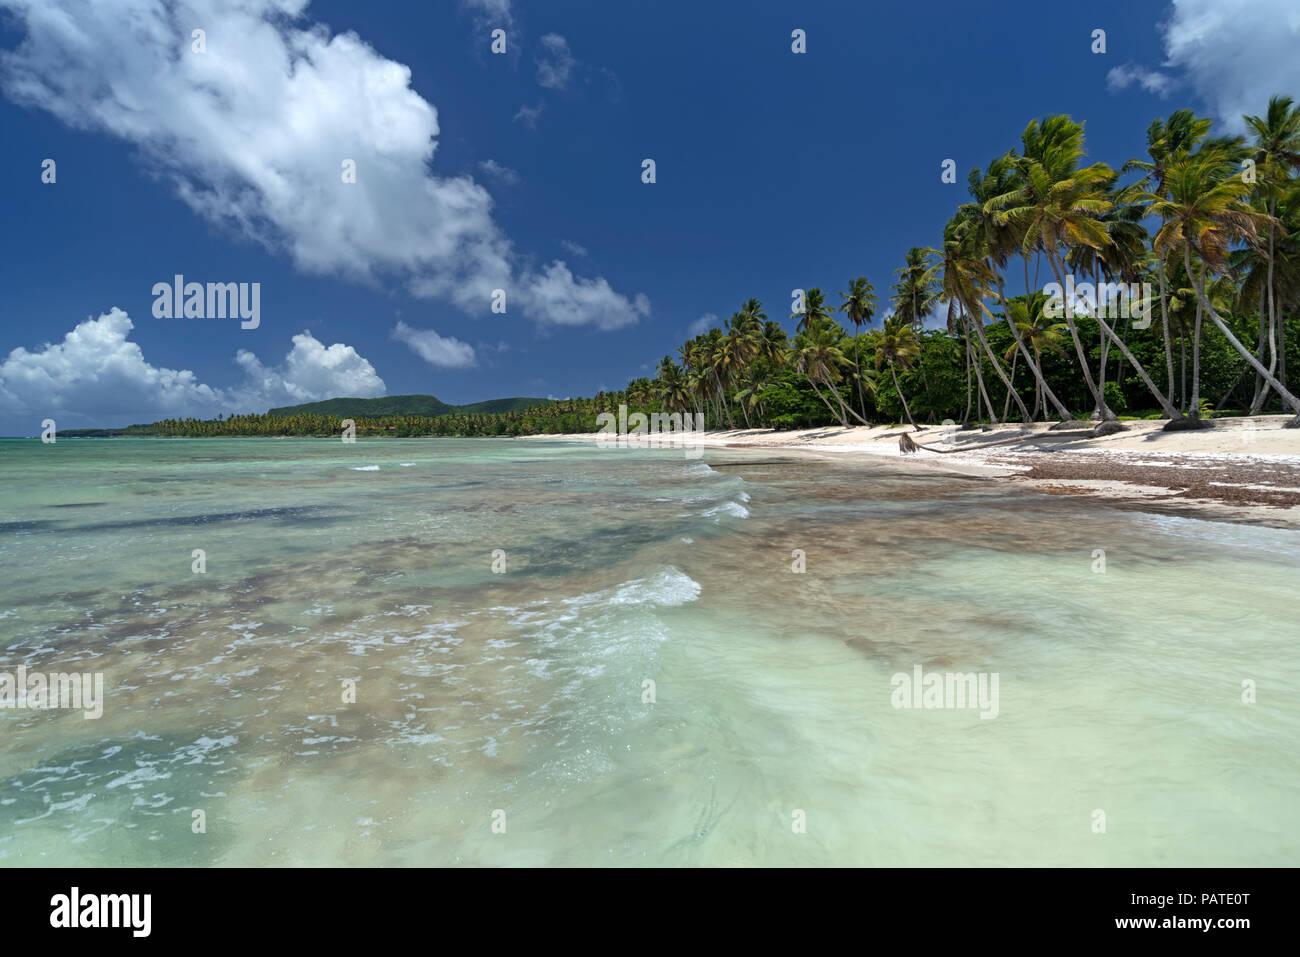 Plage tropicale des Caraïbes en République Dominicaine Photo Stock